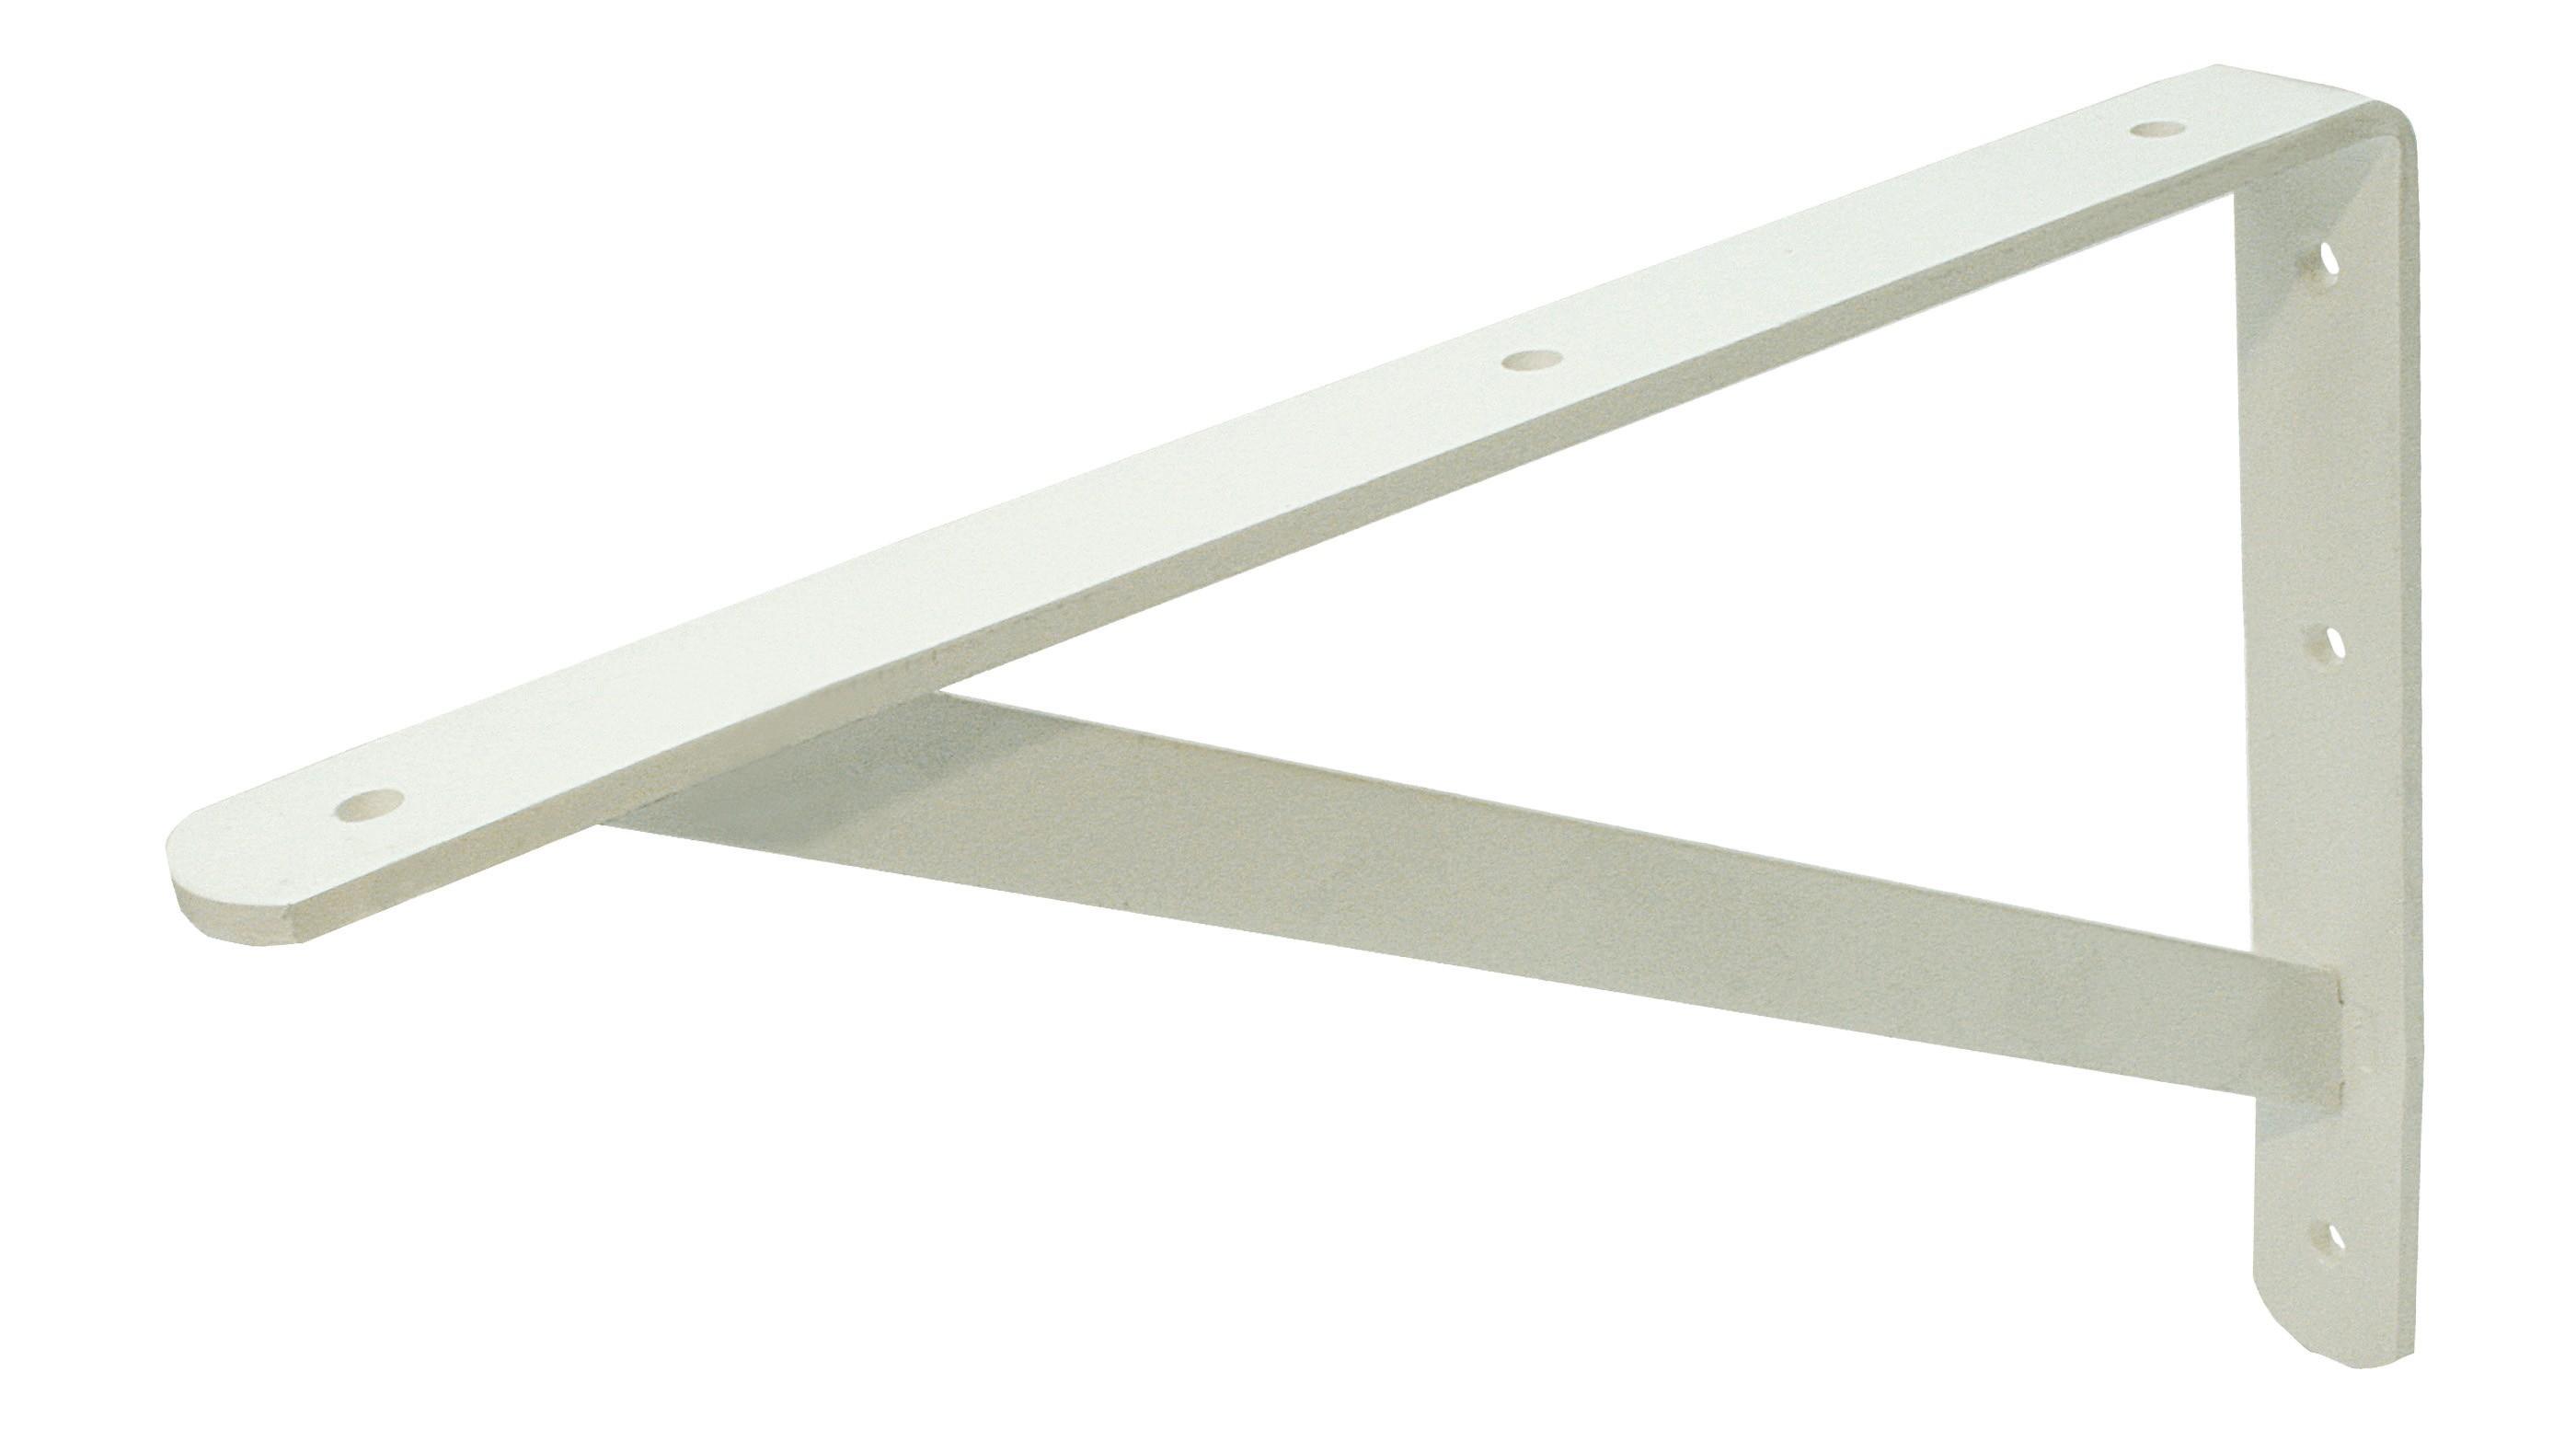 Plankdrager wit 250x400 30x4/20x4 EPW